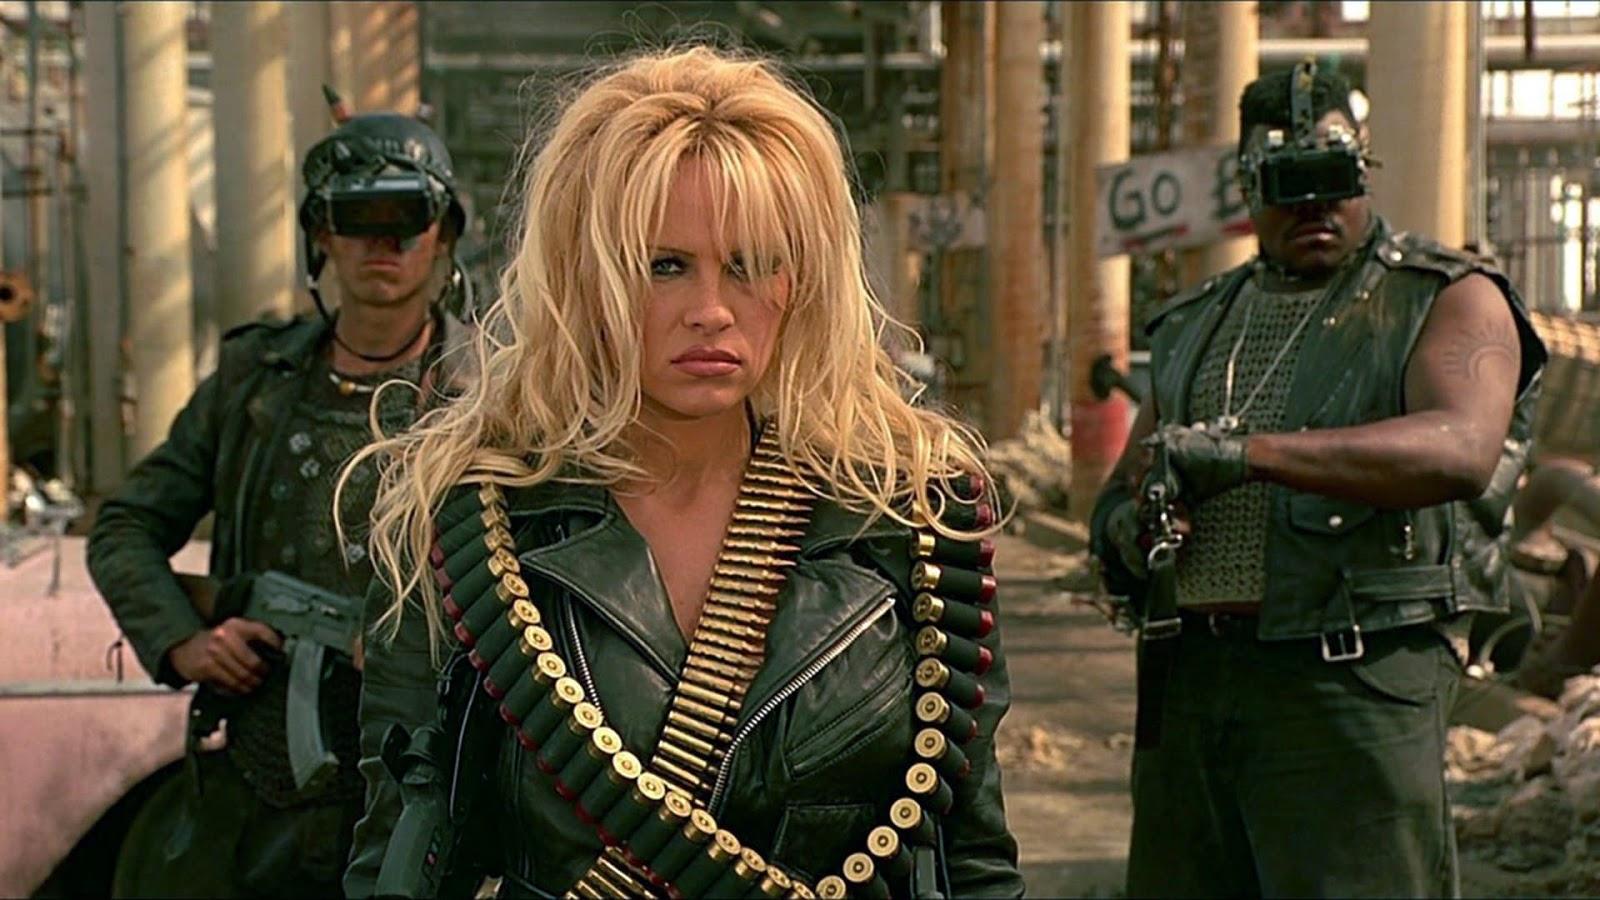 Не называй меня малышкой, Барб Уайр, Колючая проволока, Barb Wire, фантастика, постапокалипсис, экранизация комикса, SciFi, Postapocalypse, Comic Book, рецензия, обзор, Review